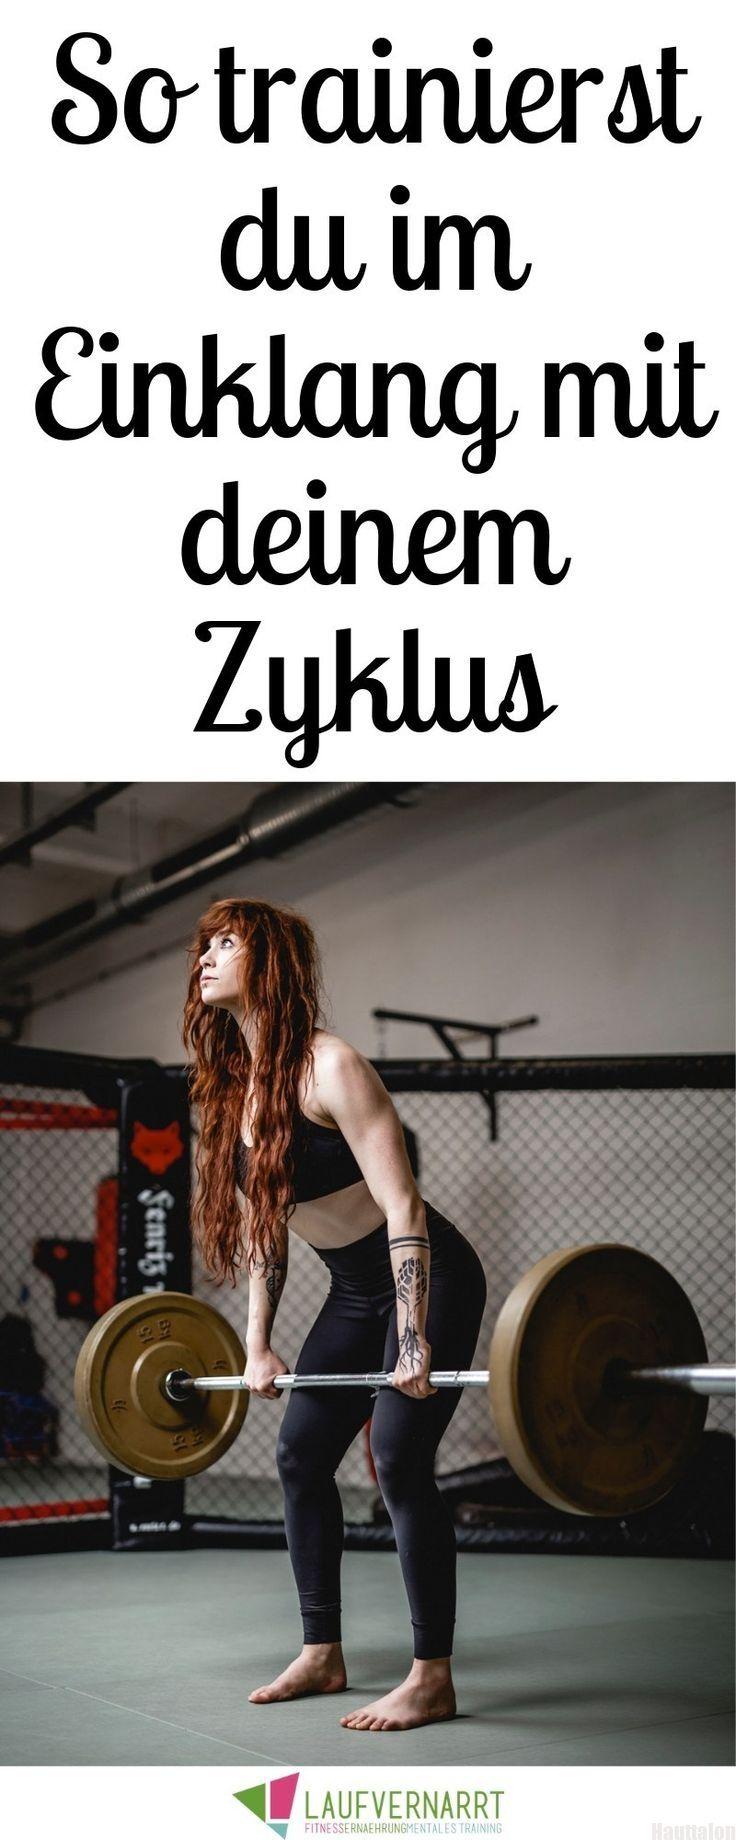 Frauen & Fitness: Training im Einklang mit dem weiblichen Zyklus. Weißt du, welche Auswir... - #Ausw...